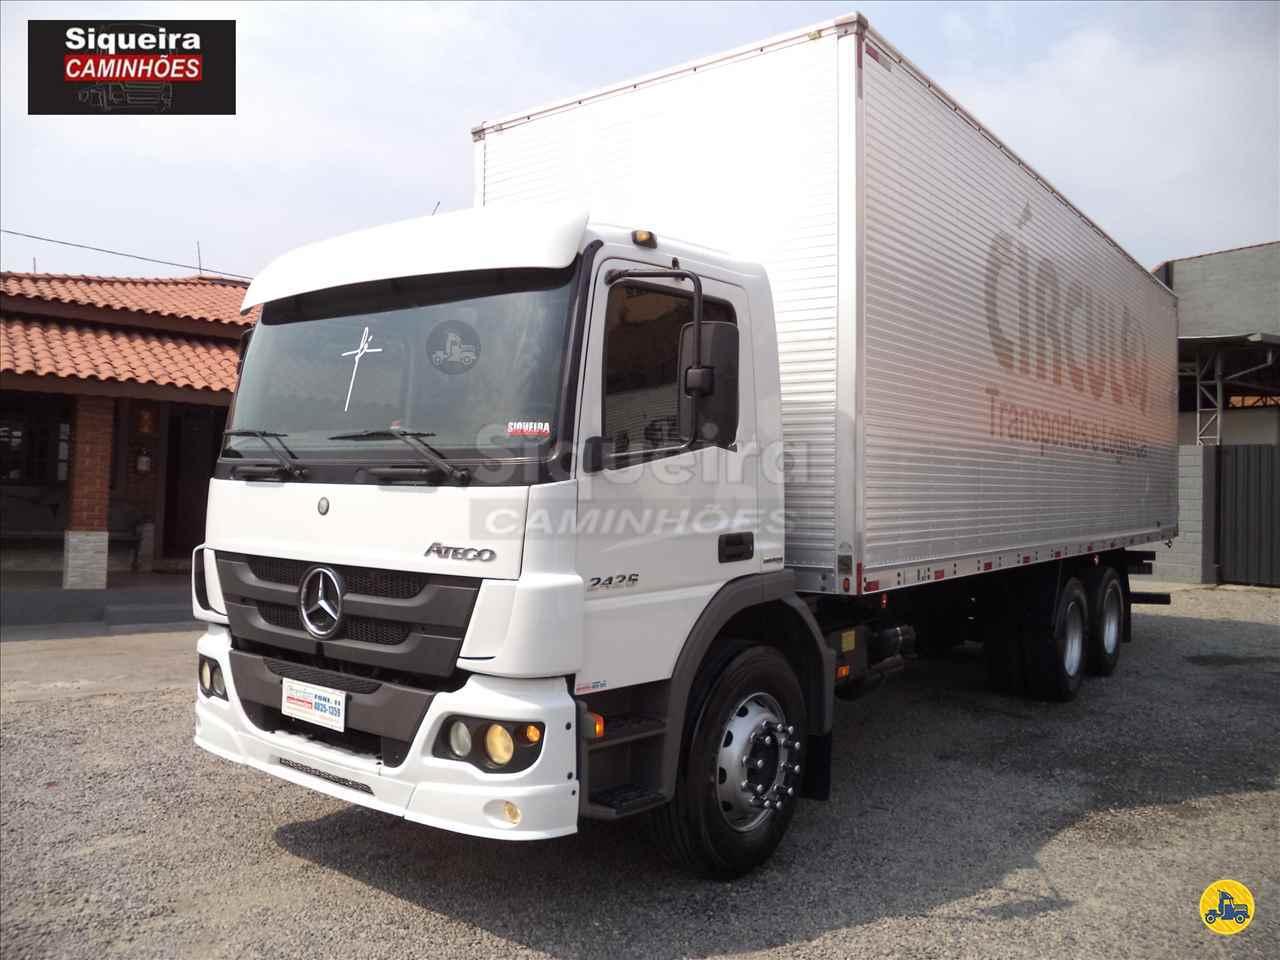 CAMINHAO MERCEDES-BENZ MB 2426 Baú Furgão Truck 6x2 Siqueira Caminhões BRAGANCA PAULISTA SÃO PAULO SP